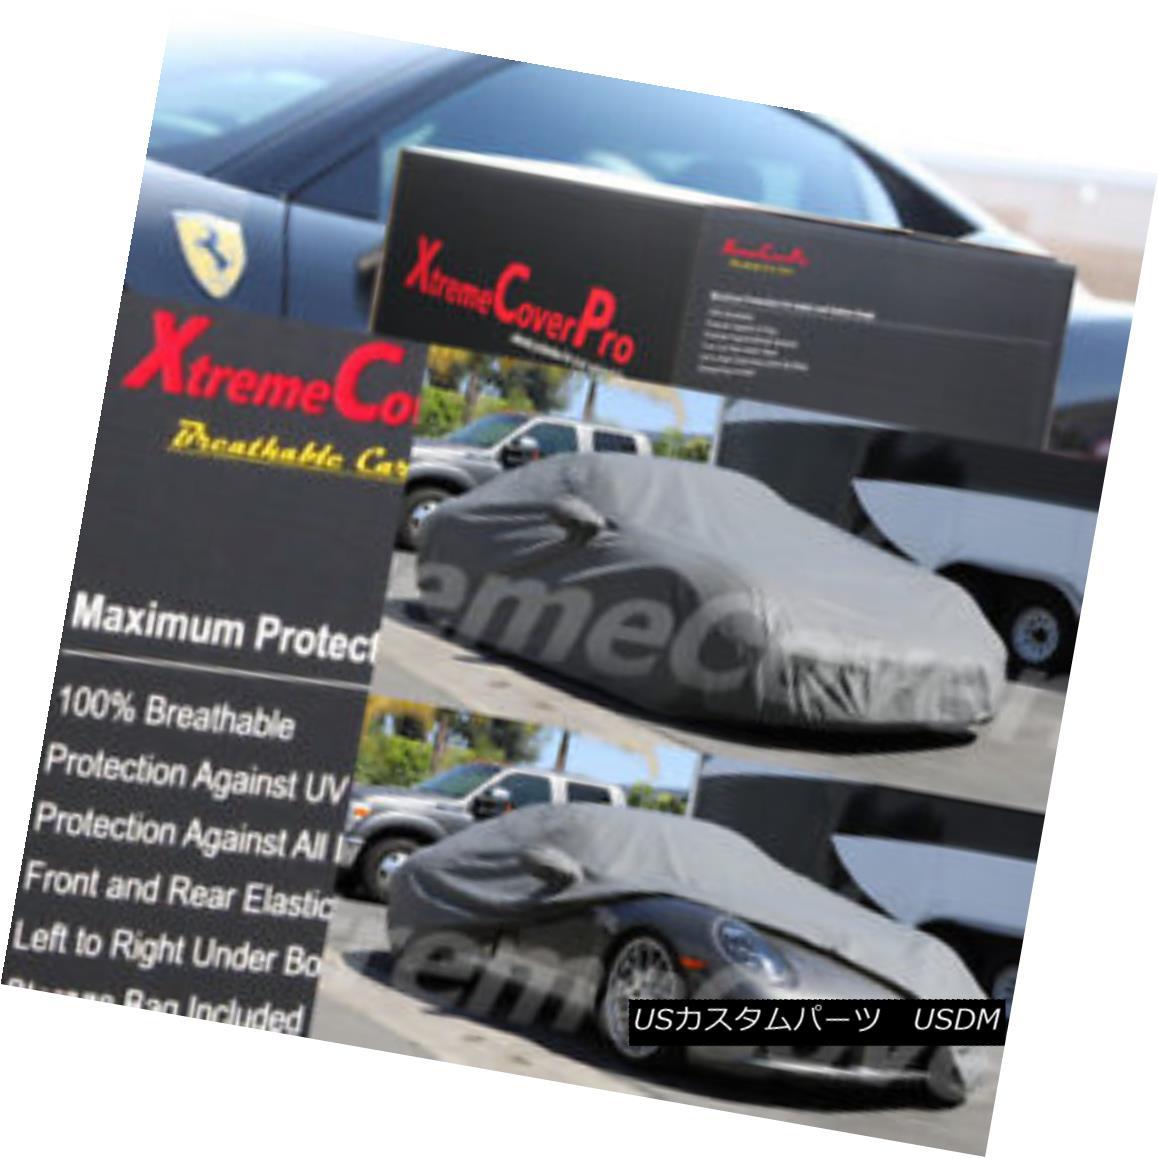 カーカバー CUSTOM FIT CAR COVER 2016 2017 2018 Porsche 911 Carrera 4 4S GREY カスタムフィットカーカバー2016 2017 2018ポルシェ911カレラ4 4Sグレー